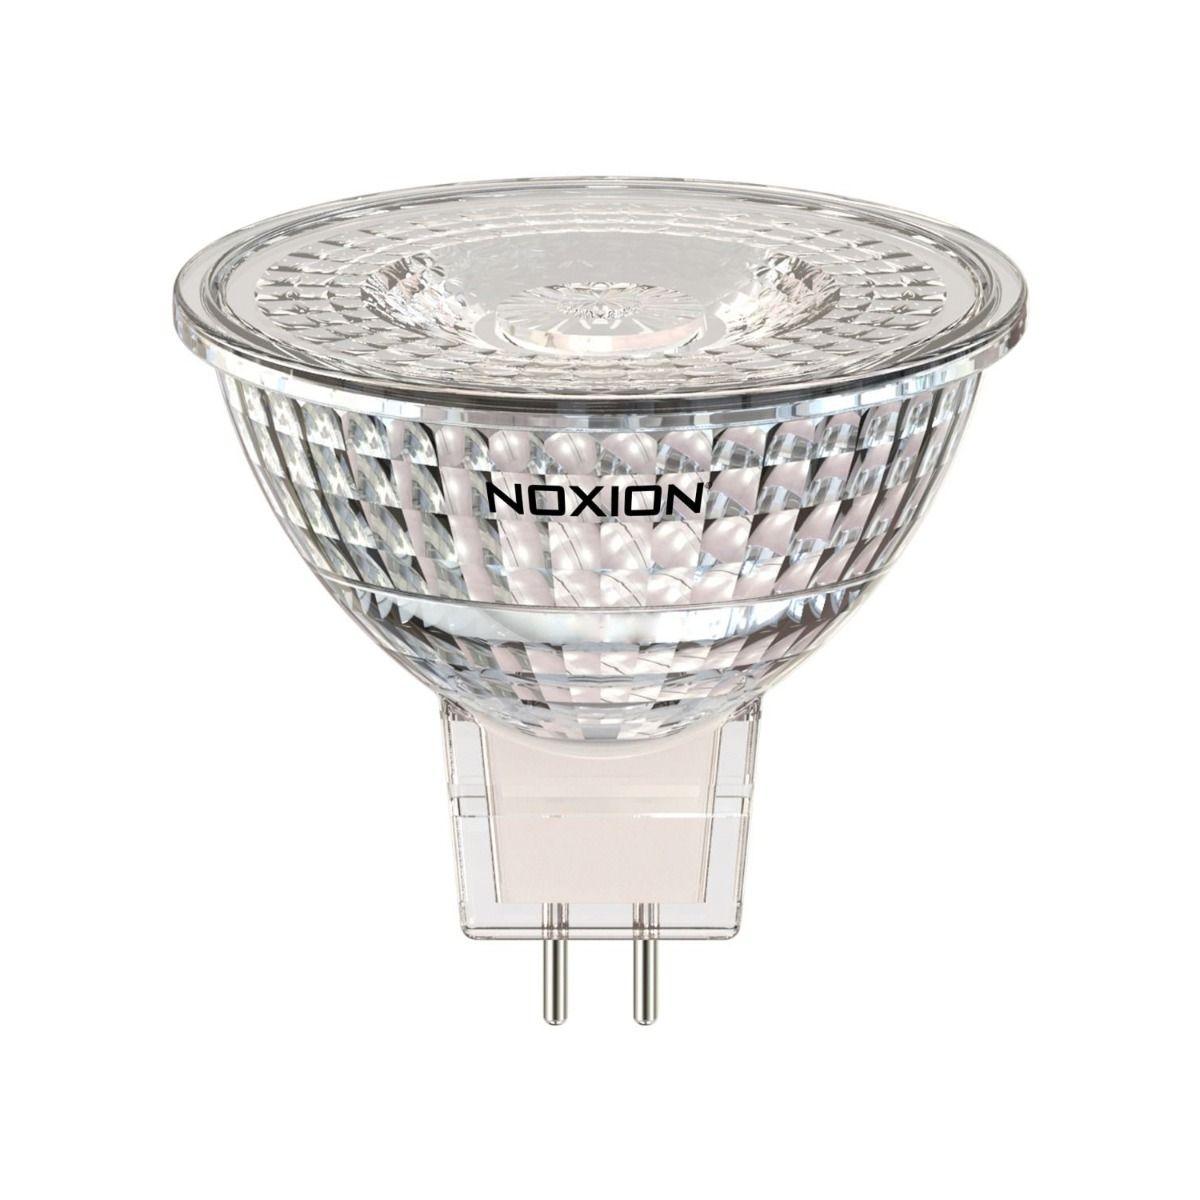 Noxion LED Kohdevalaisin GU5.3 5.3W 827 36D 470lm   Himmennettävä - Erittäin Lämmin Valkoinen - Korvaa 35W